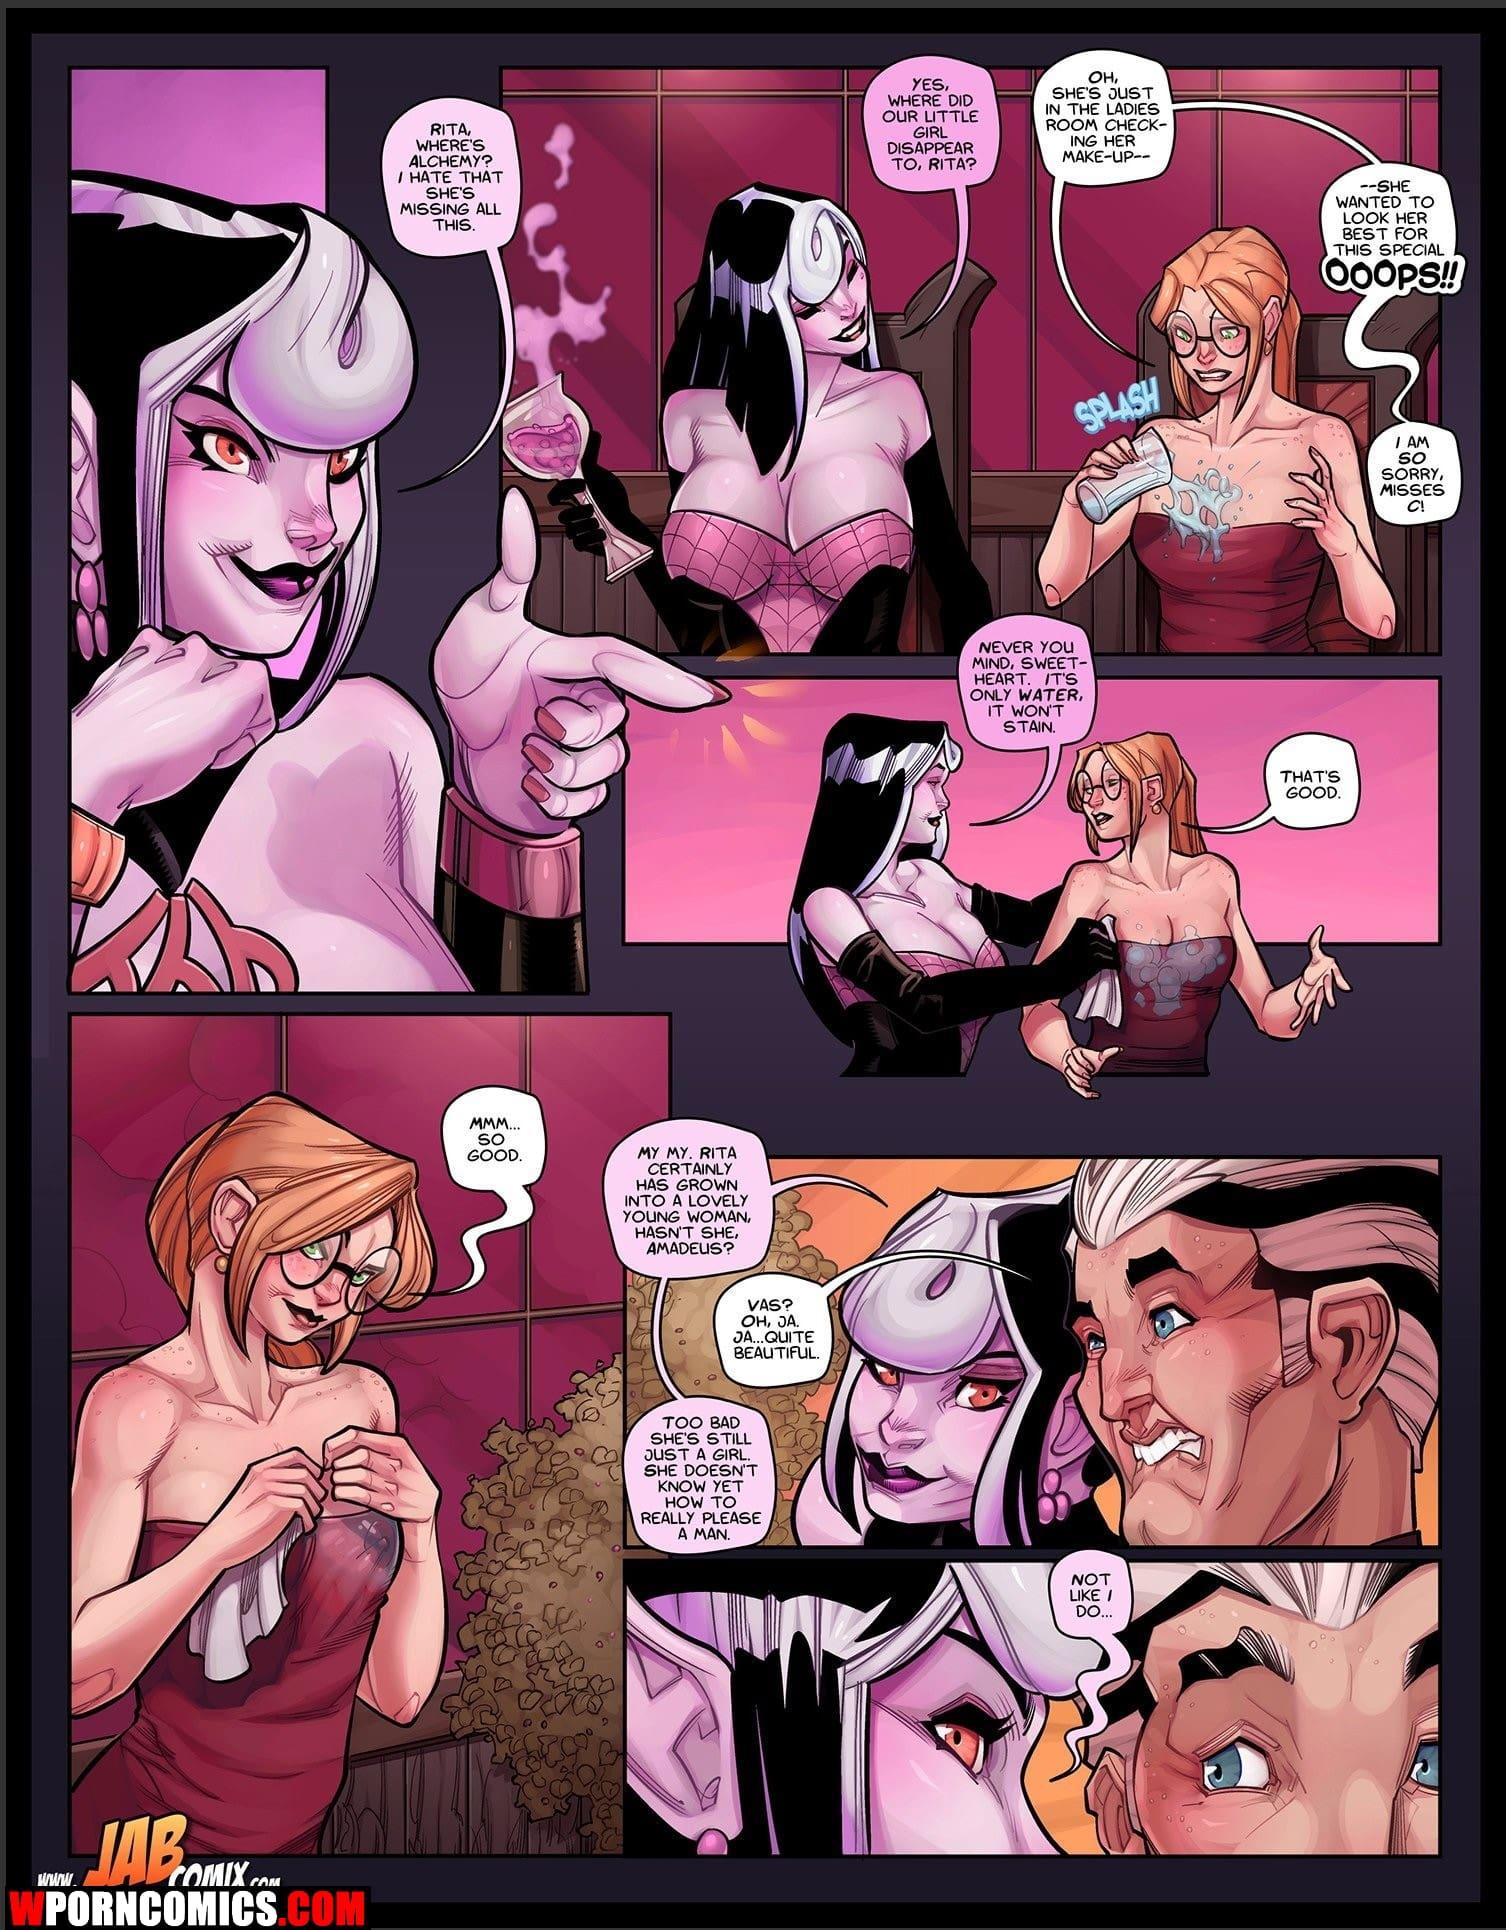 porn-comic-the-creepies-part-3-2020-02-14/porn-comic-the-creepies-part-3-2020-02-14-10082.jpg